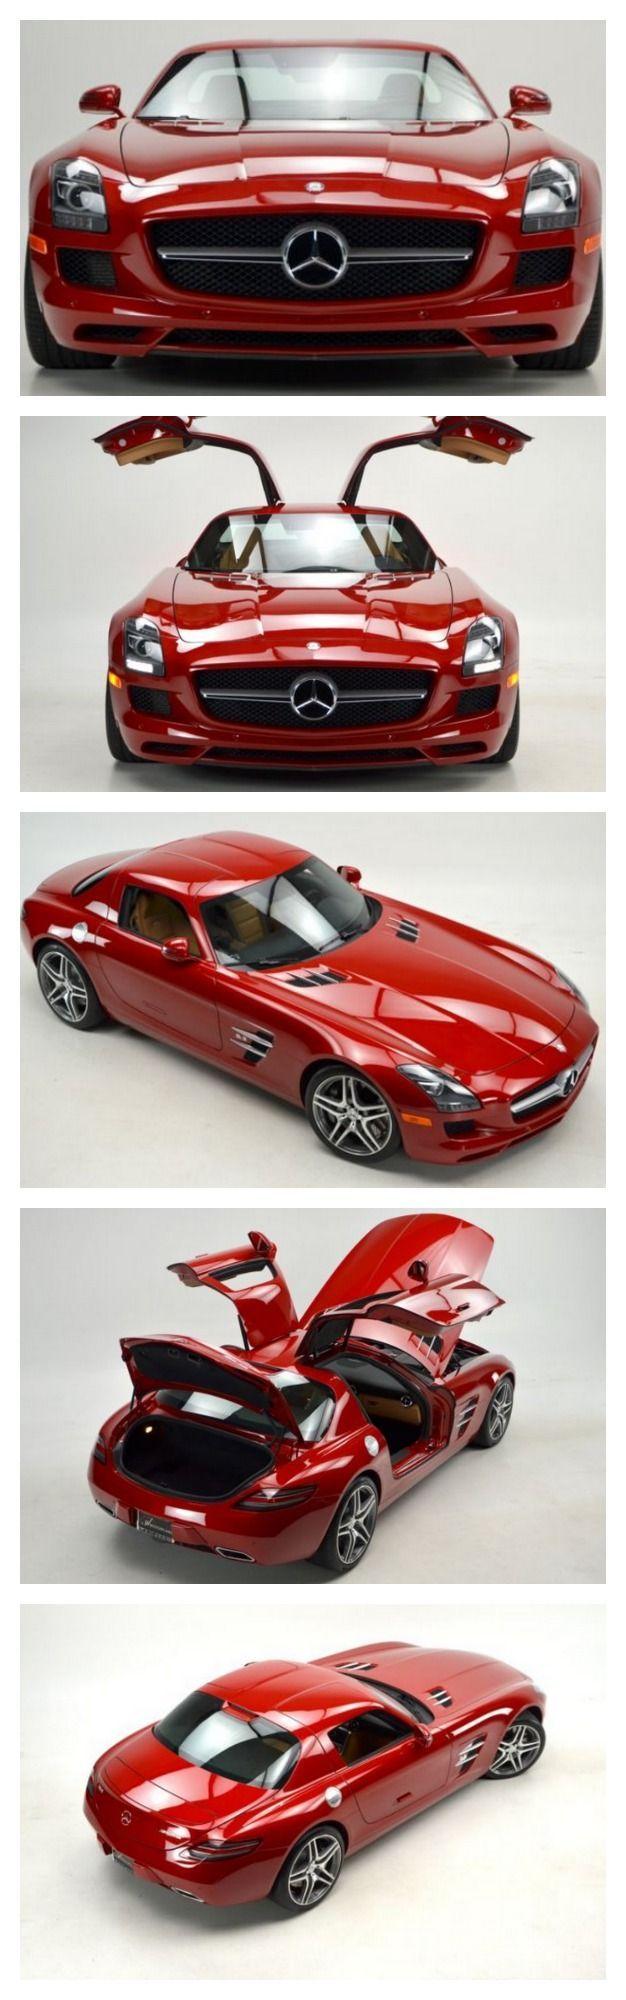 Oh la la! Le Mans red Mercedes-Benz SLS AMG #Autoawesome